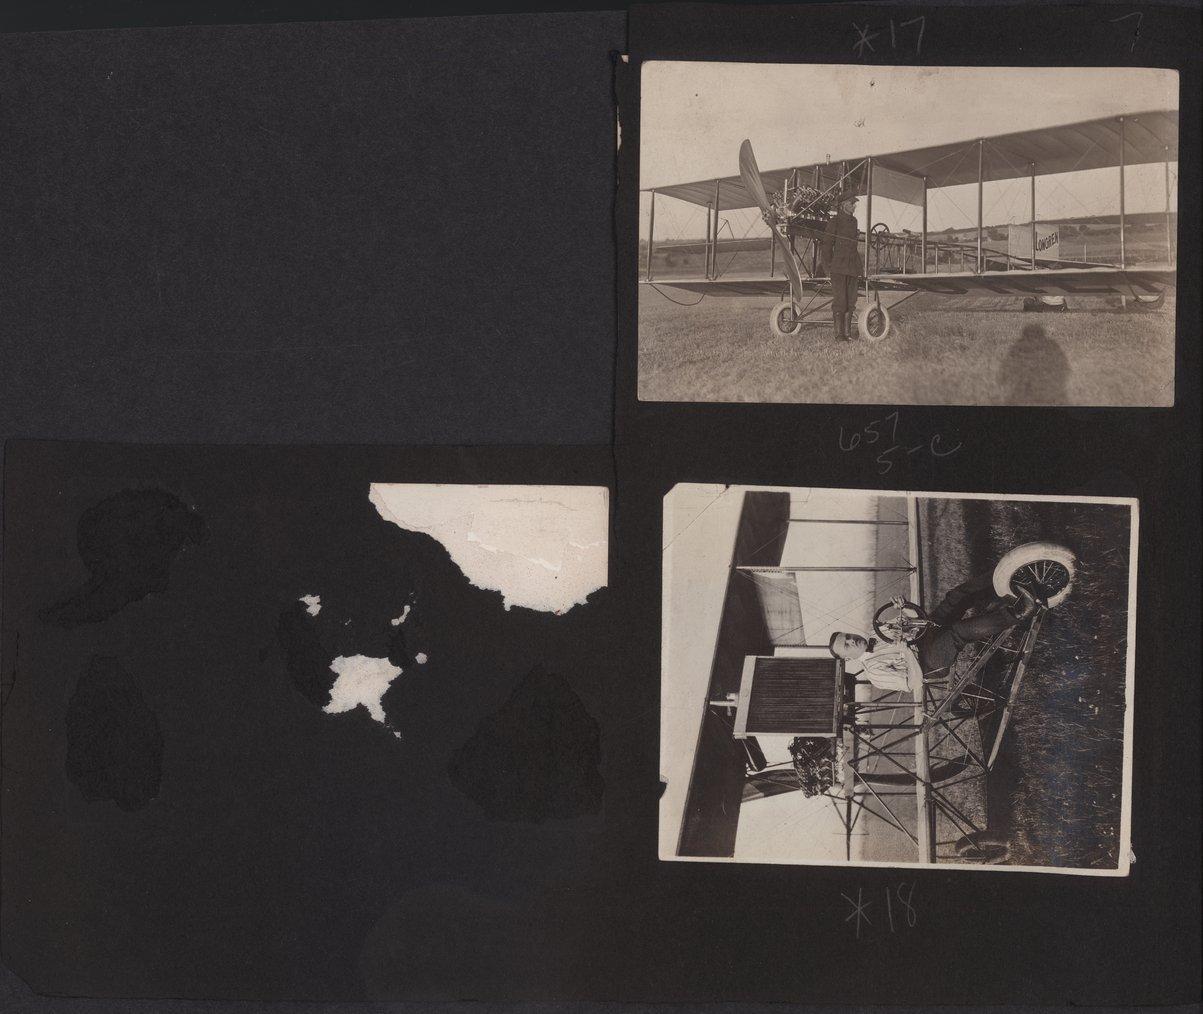 Albin Kasper Longren's photograph album - 7